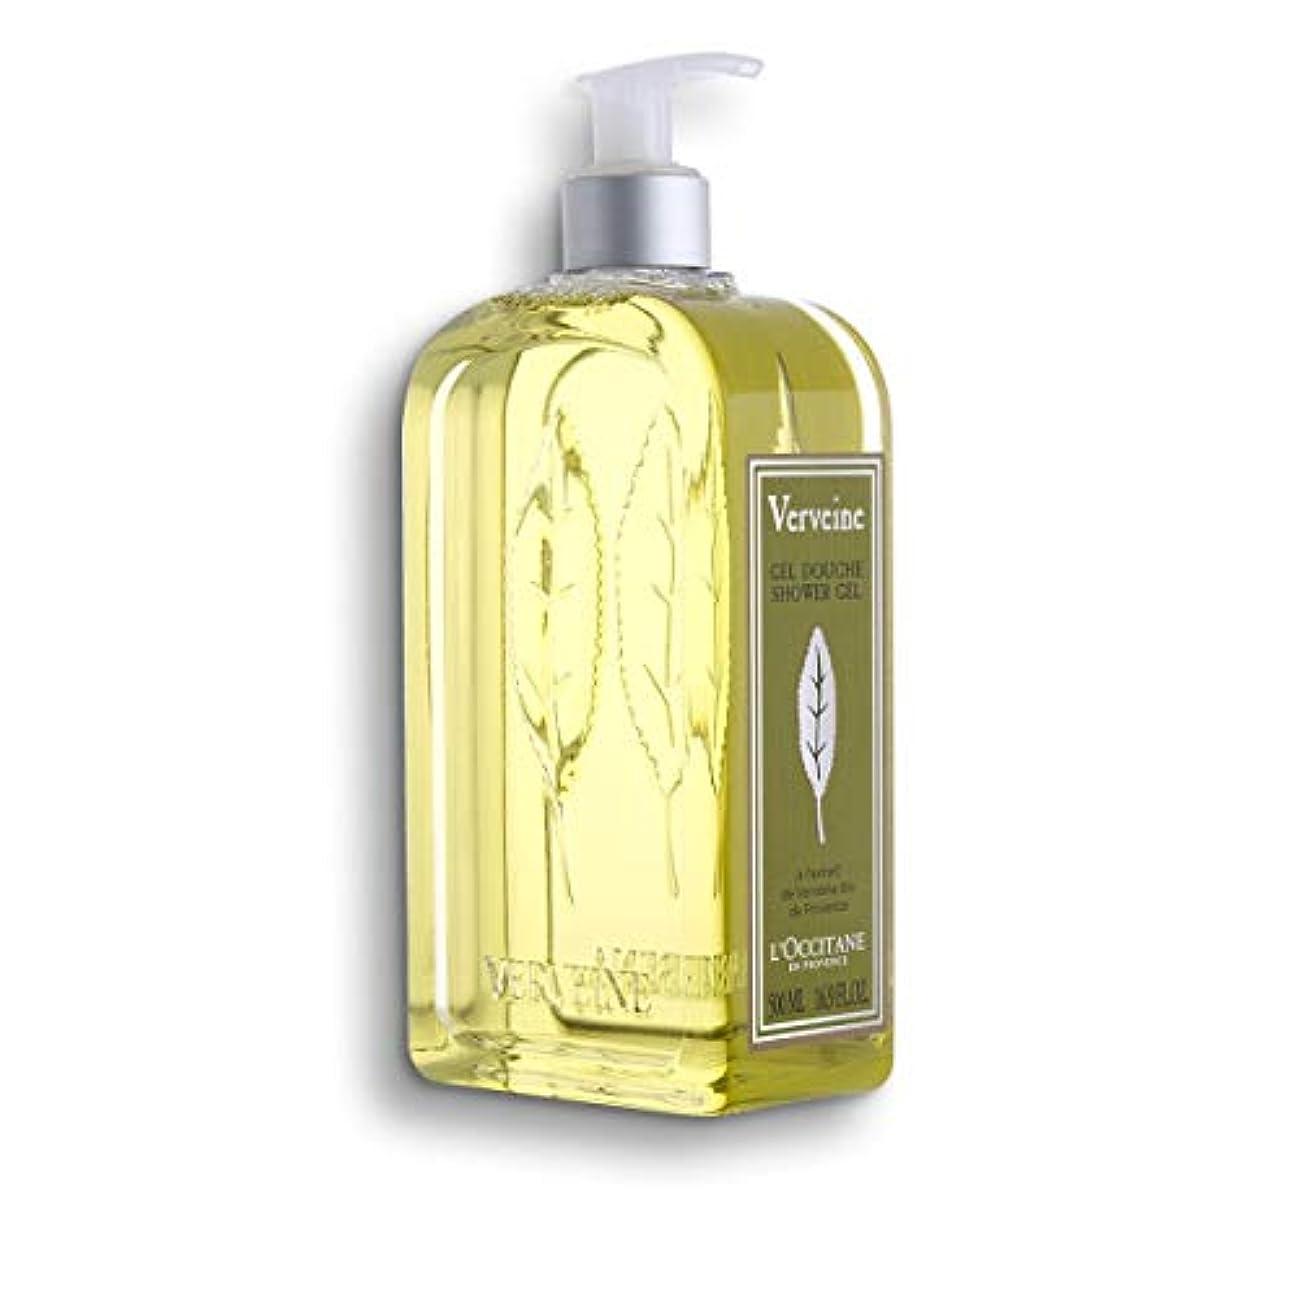 戸惑うチーフマージロクシタン(L'OCCITANE) ウ゛ァーベナ シャワージェル 500ml(ボディ用洗浄料)